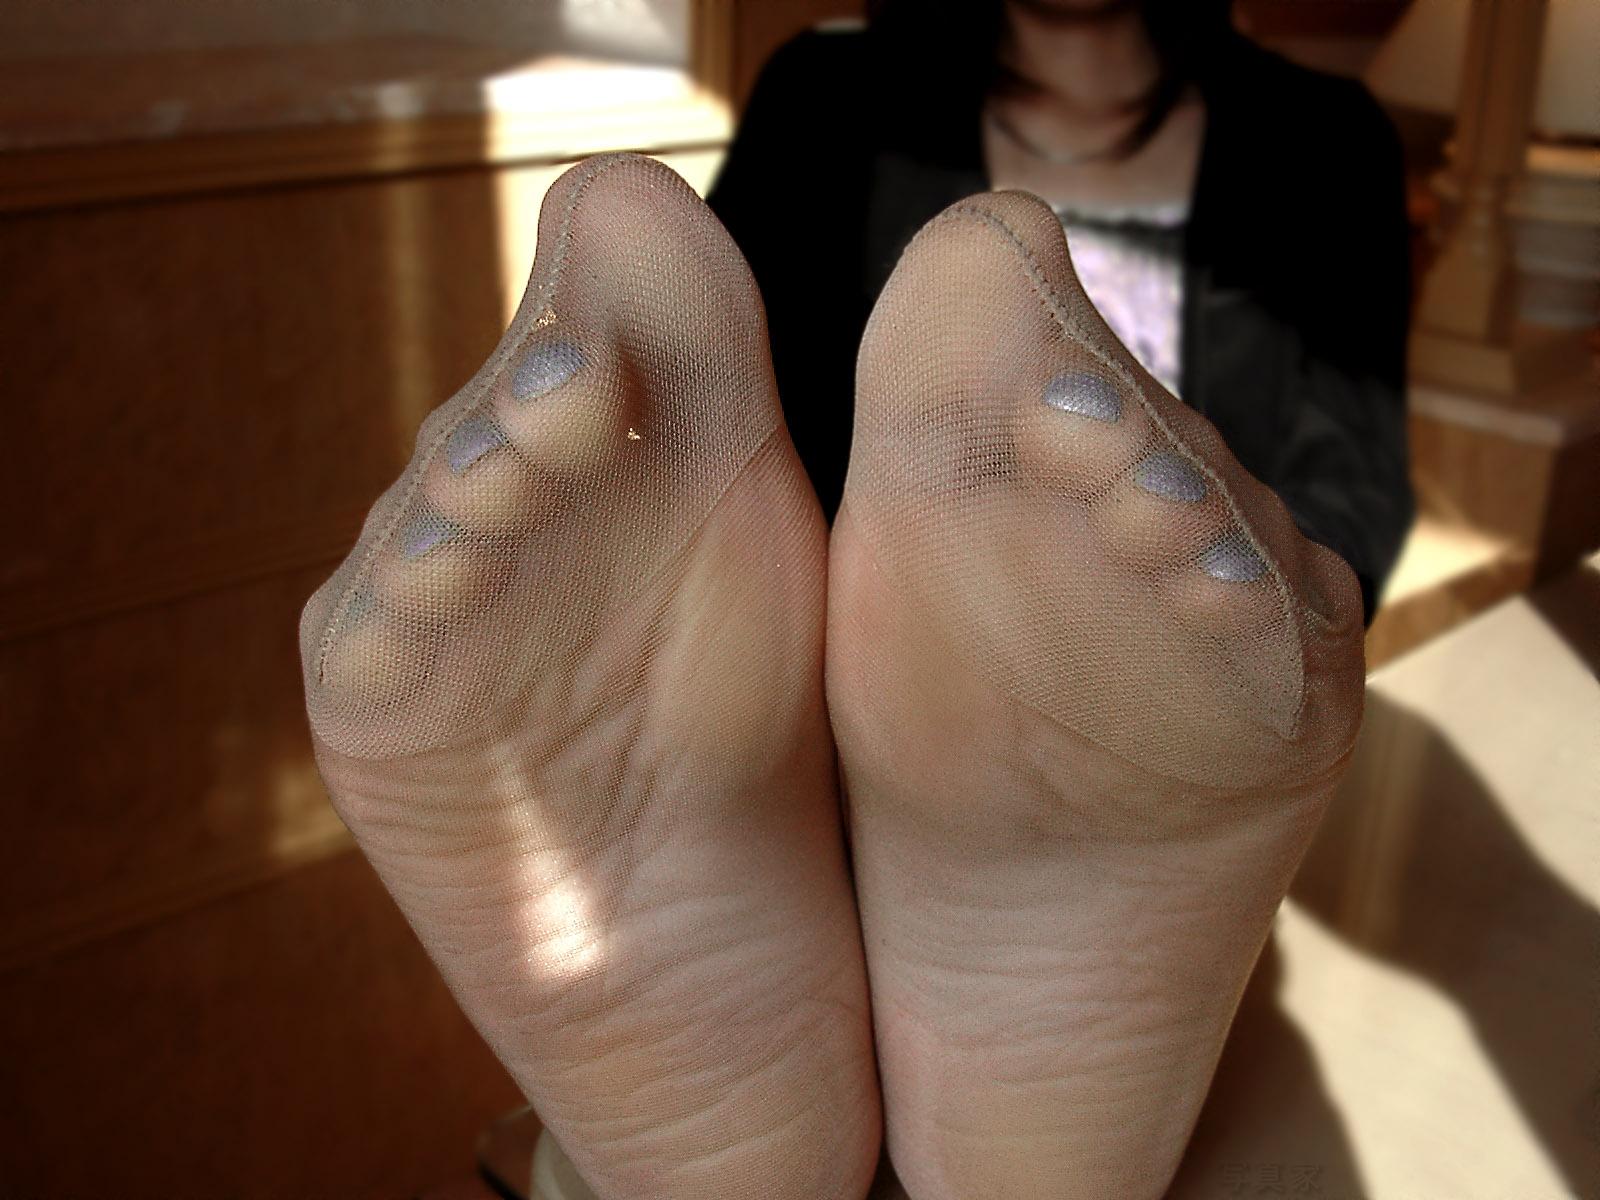 かなり臭そうな熟女OLのパンスト足裏エロ画像1枚目